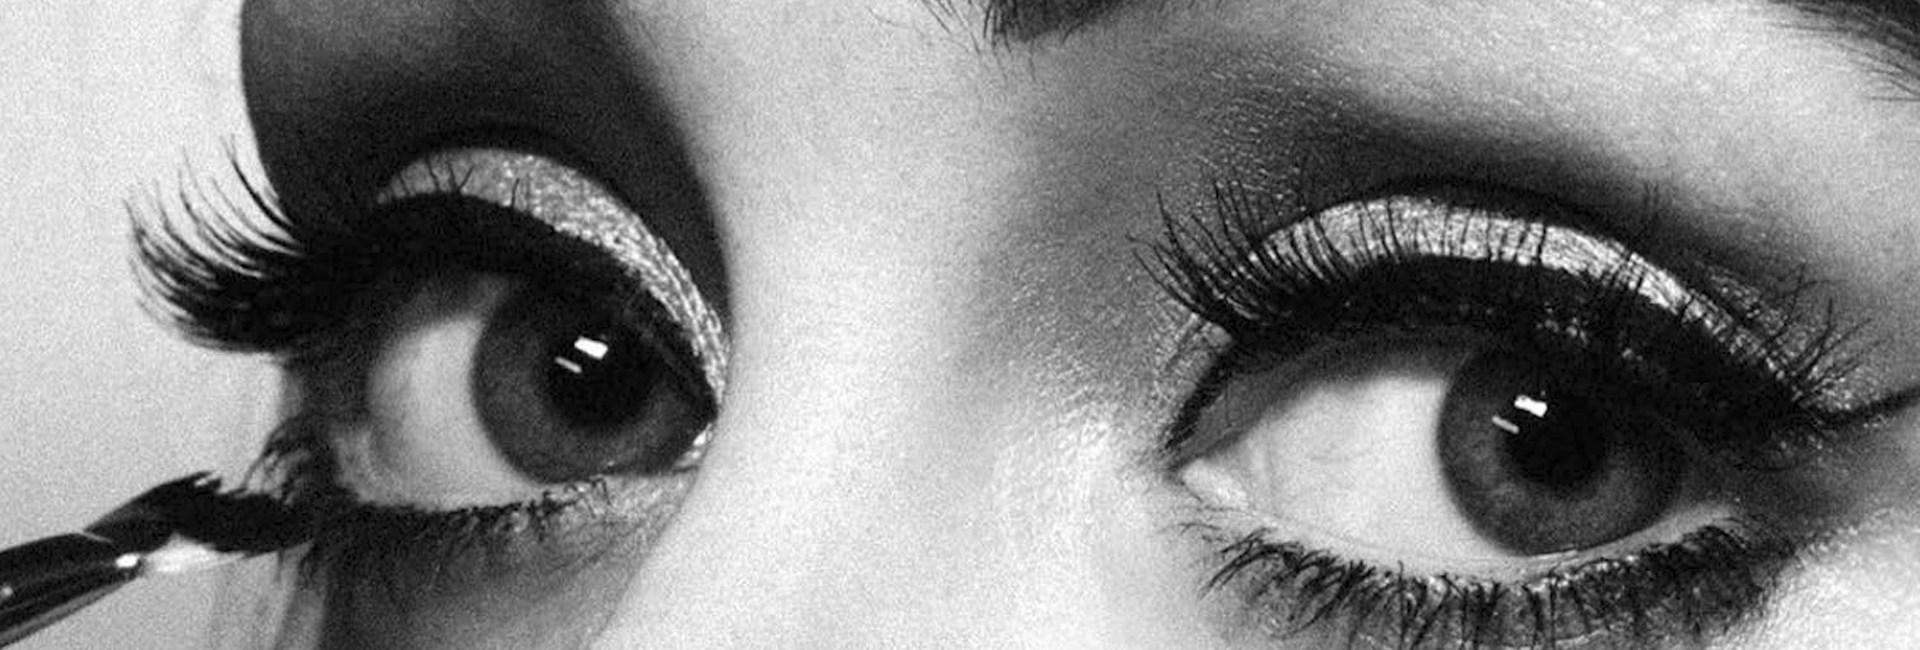 Gros plan sur les yeux maquillés de la chanteuse Adele